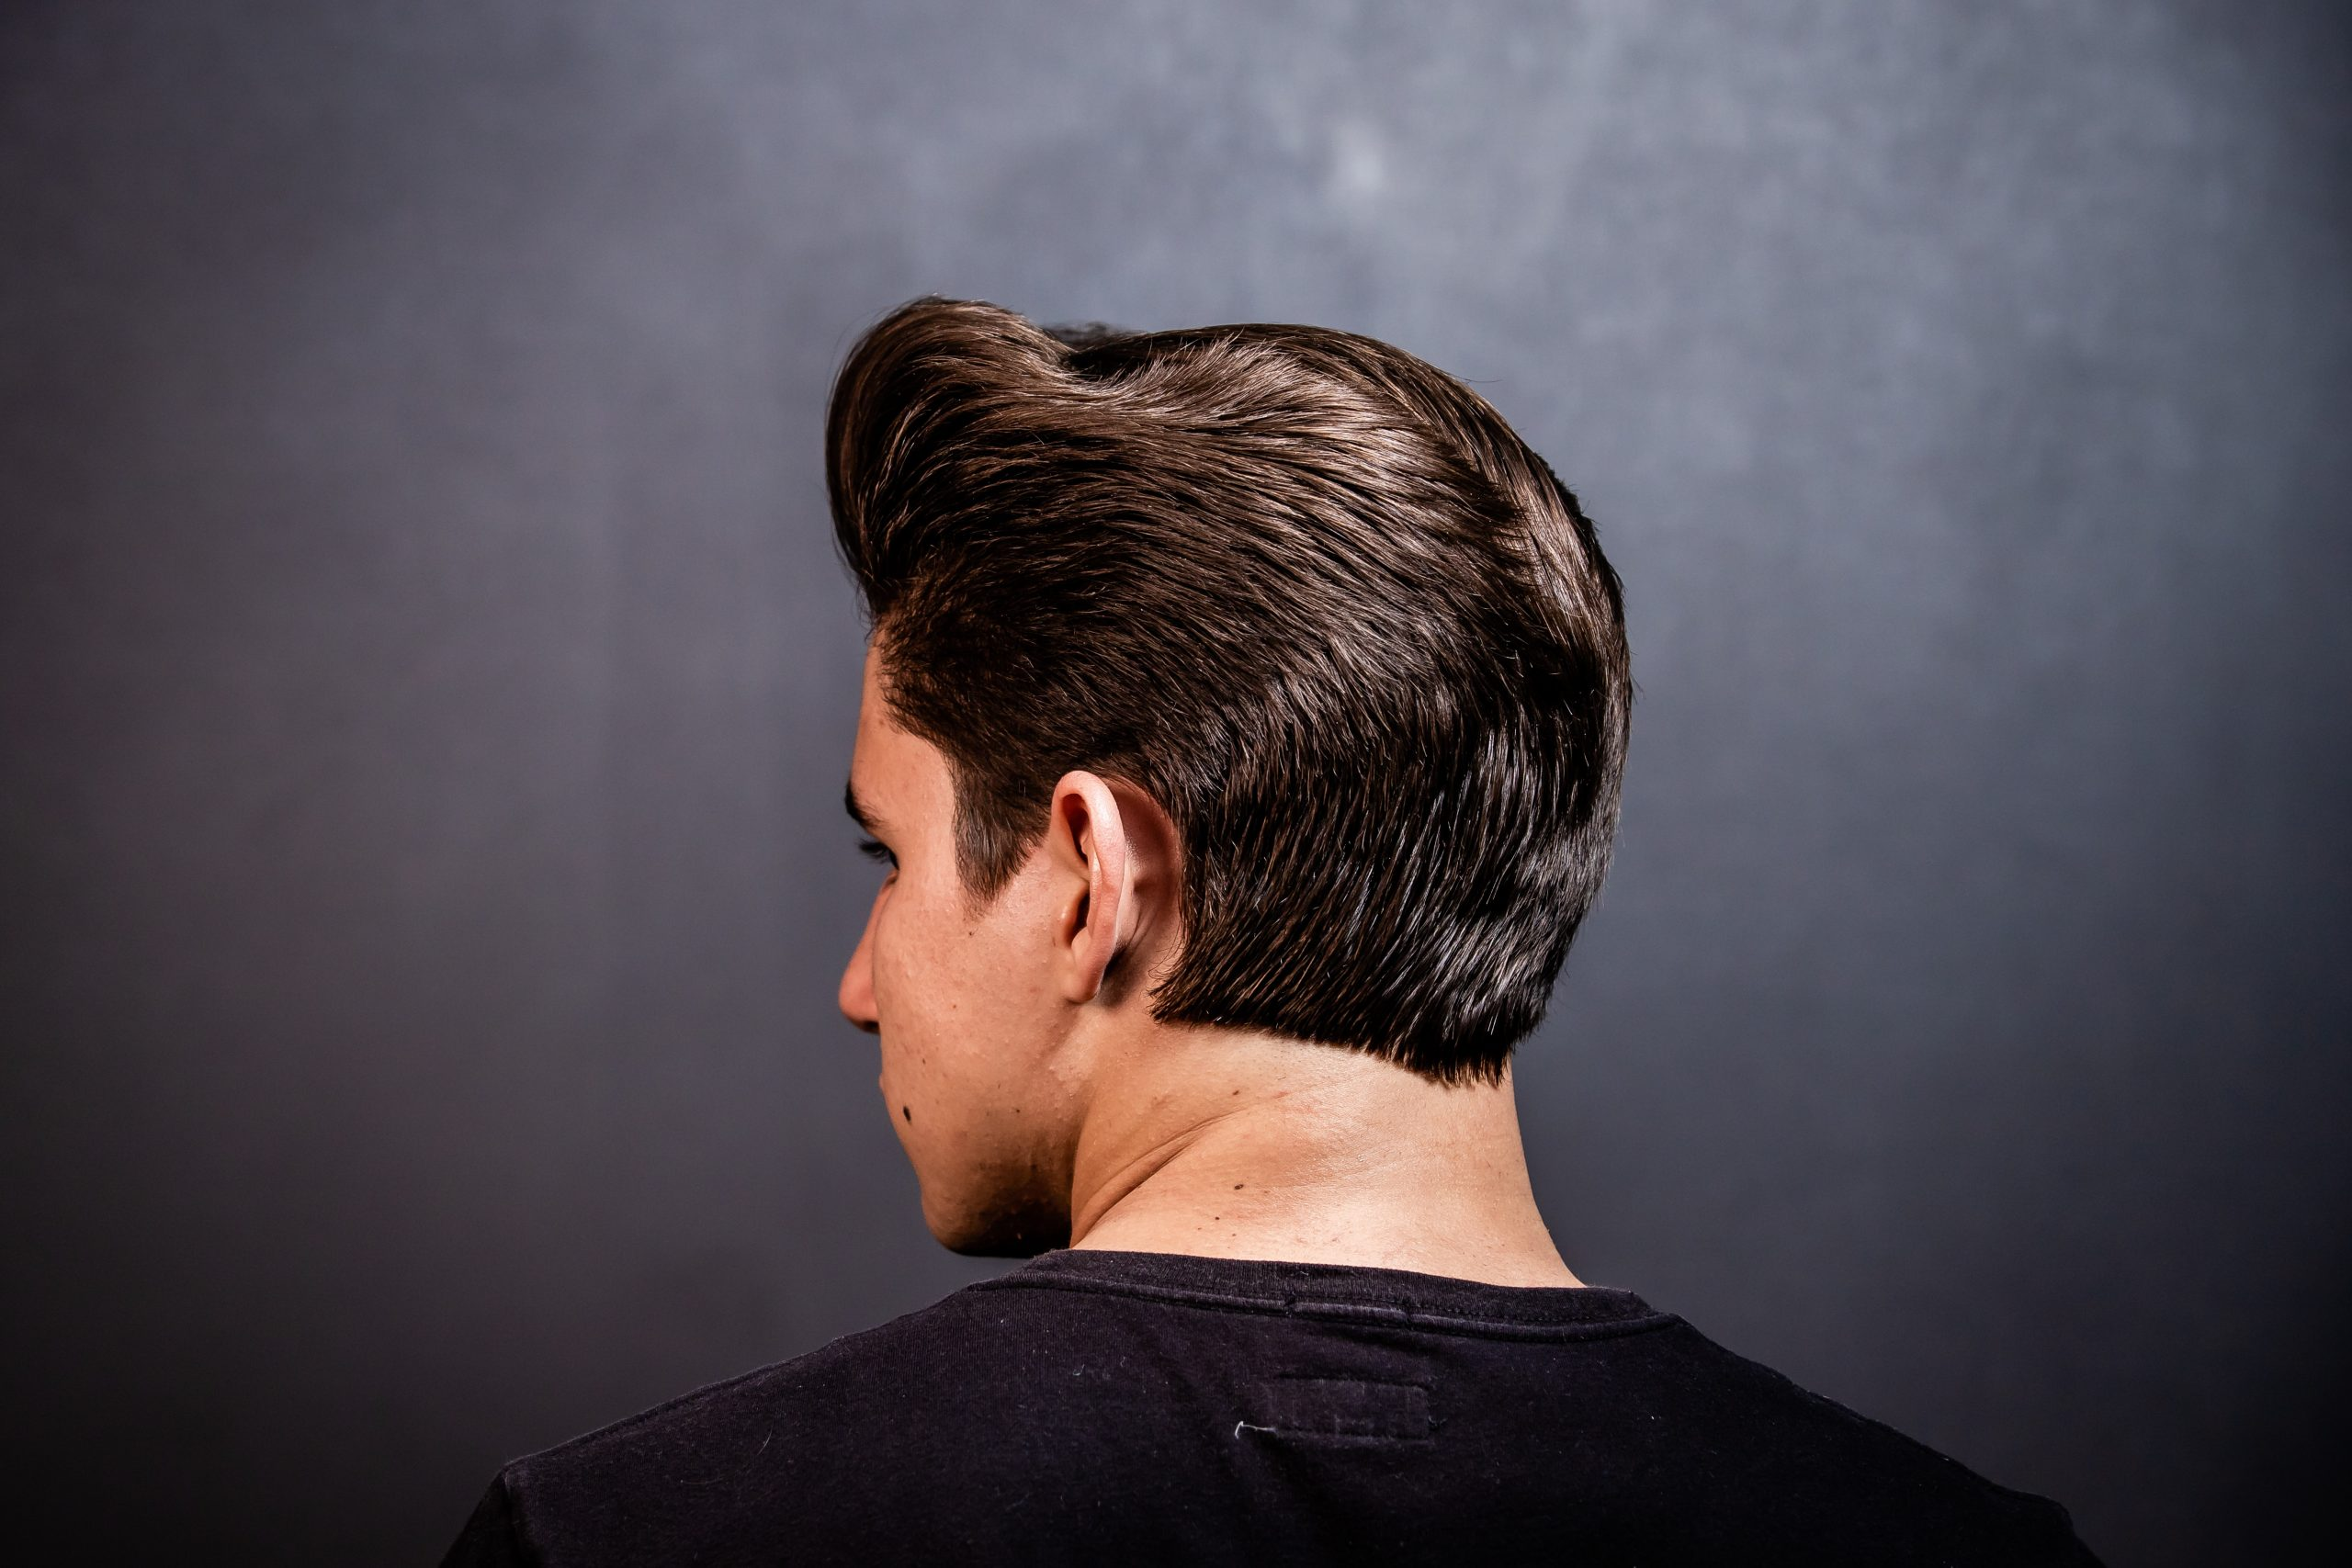 Imagem de um homem com o cabelo bem cortado.